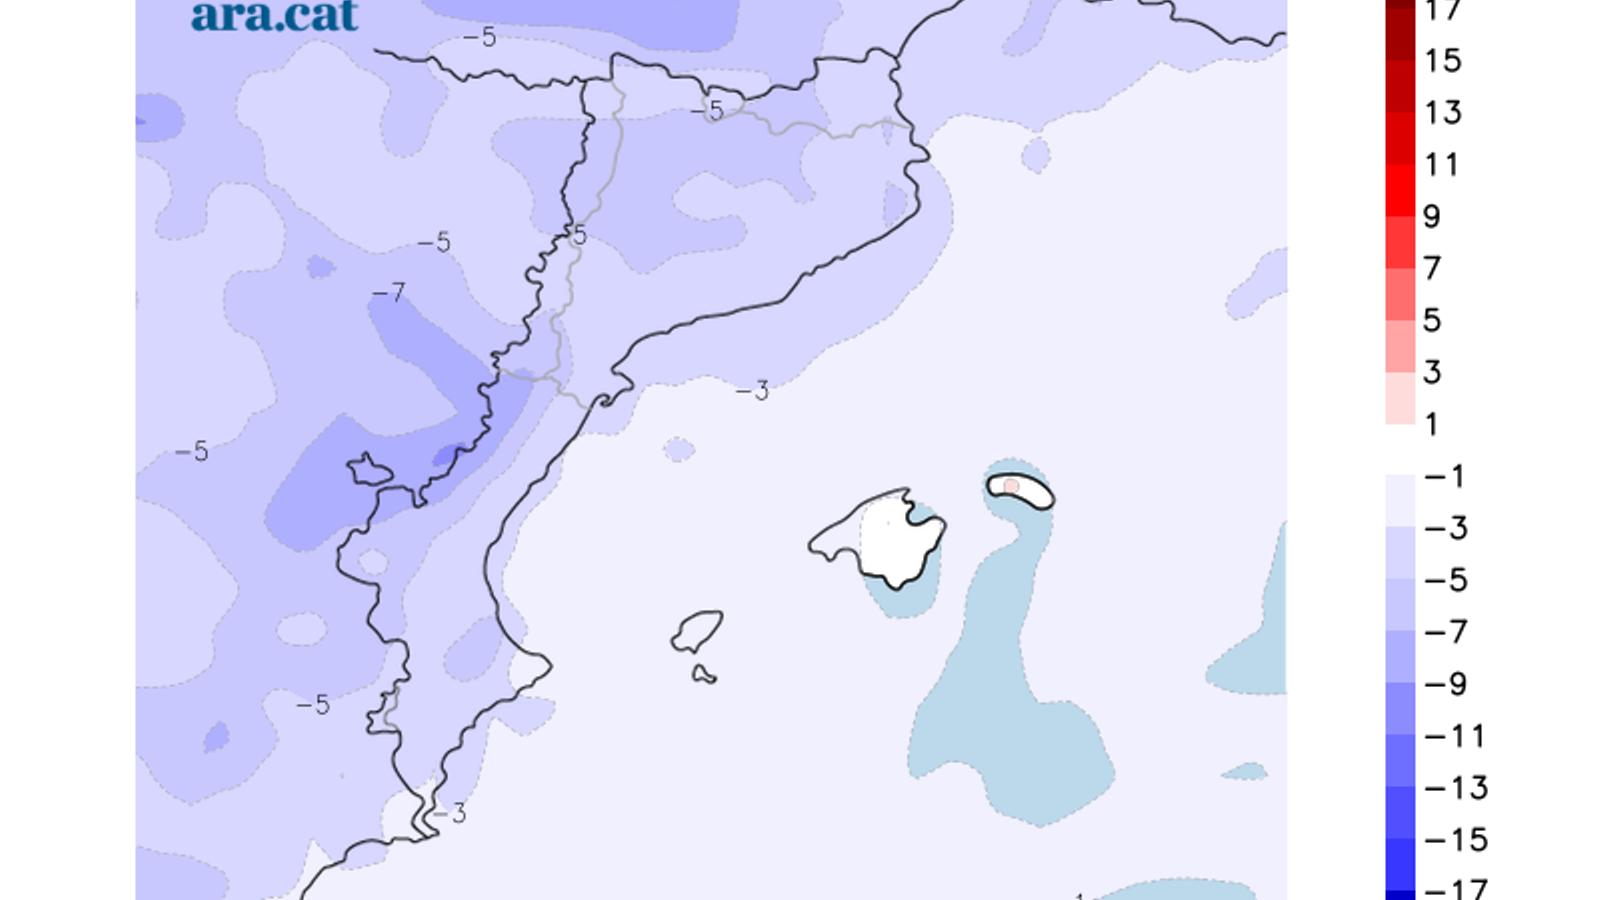 Diferència prevista entre la temperatura mínima d'avui i la de diumnge